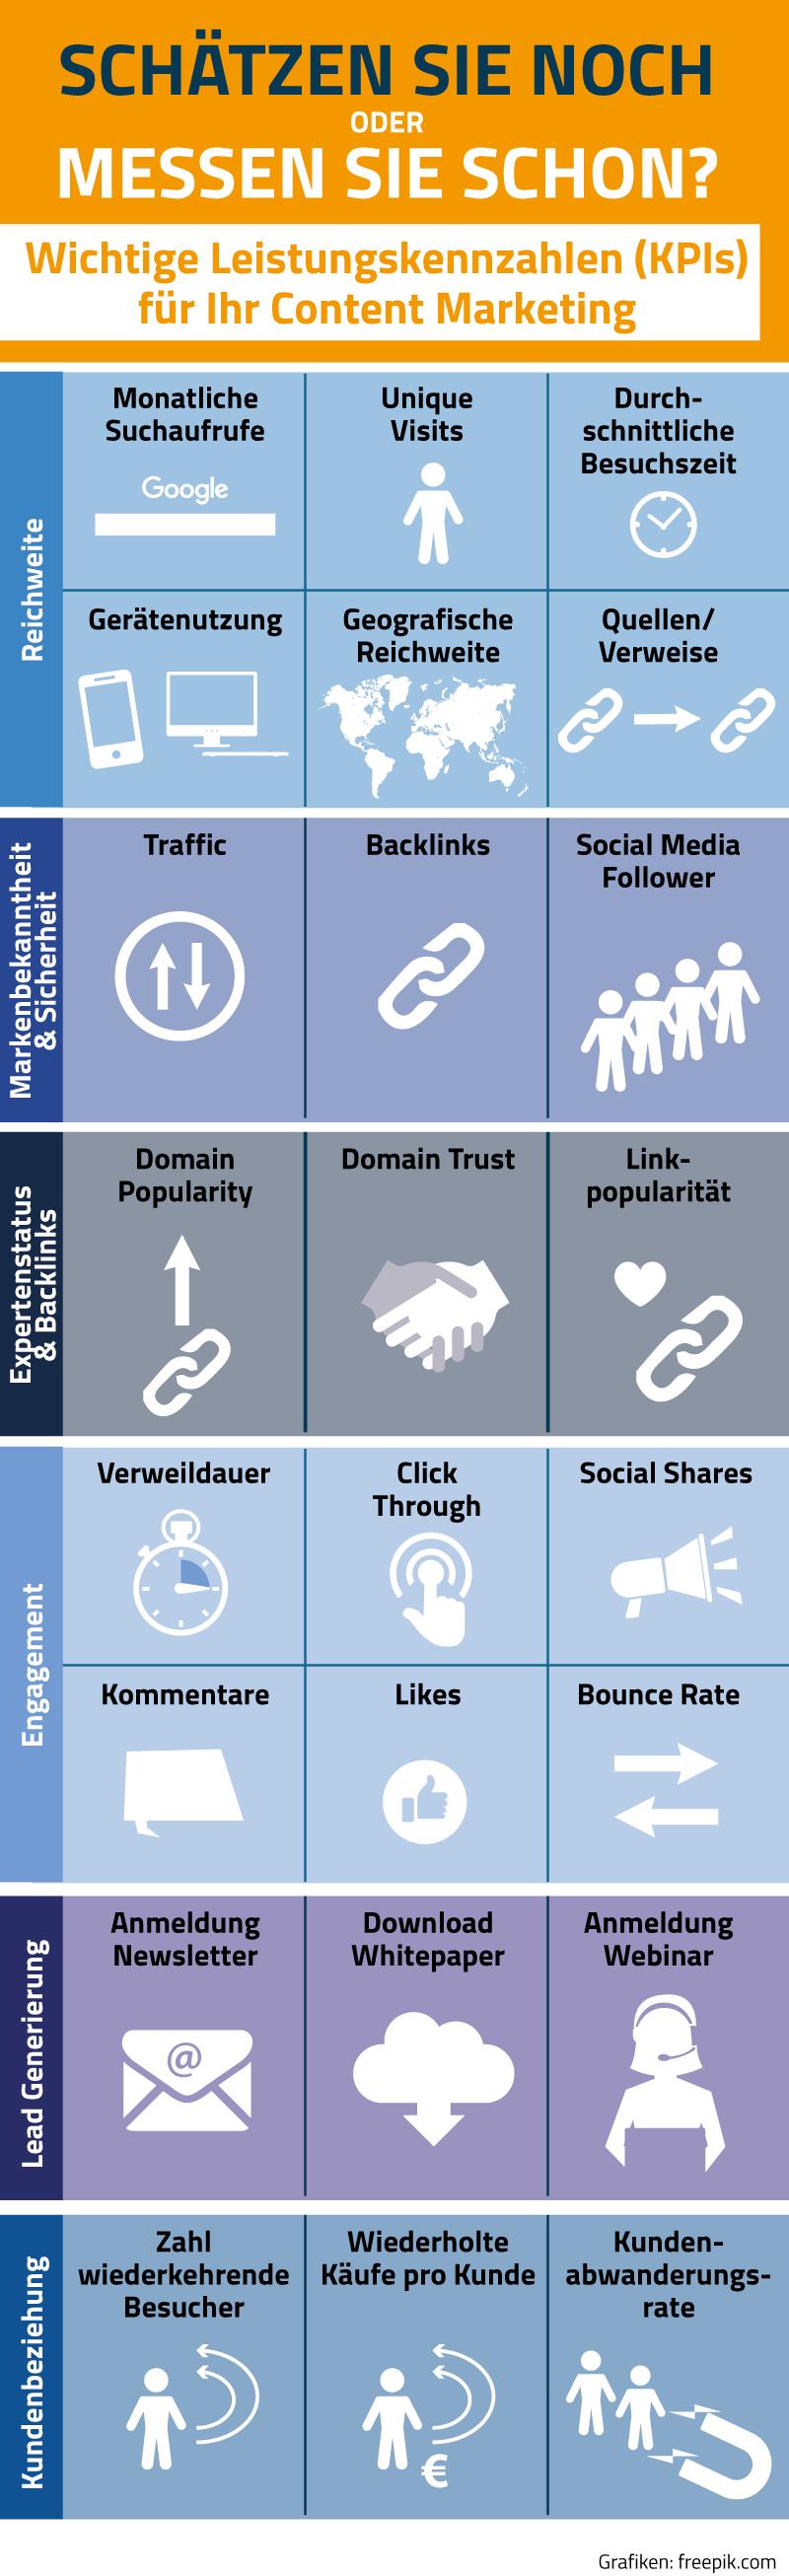 Grafik Übersicht KPIs im Content Marketing